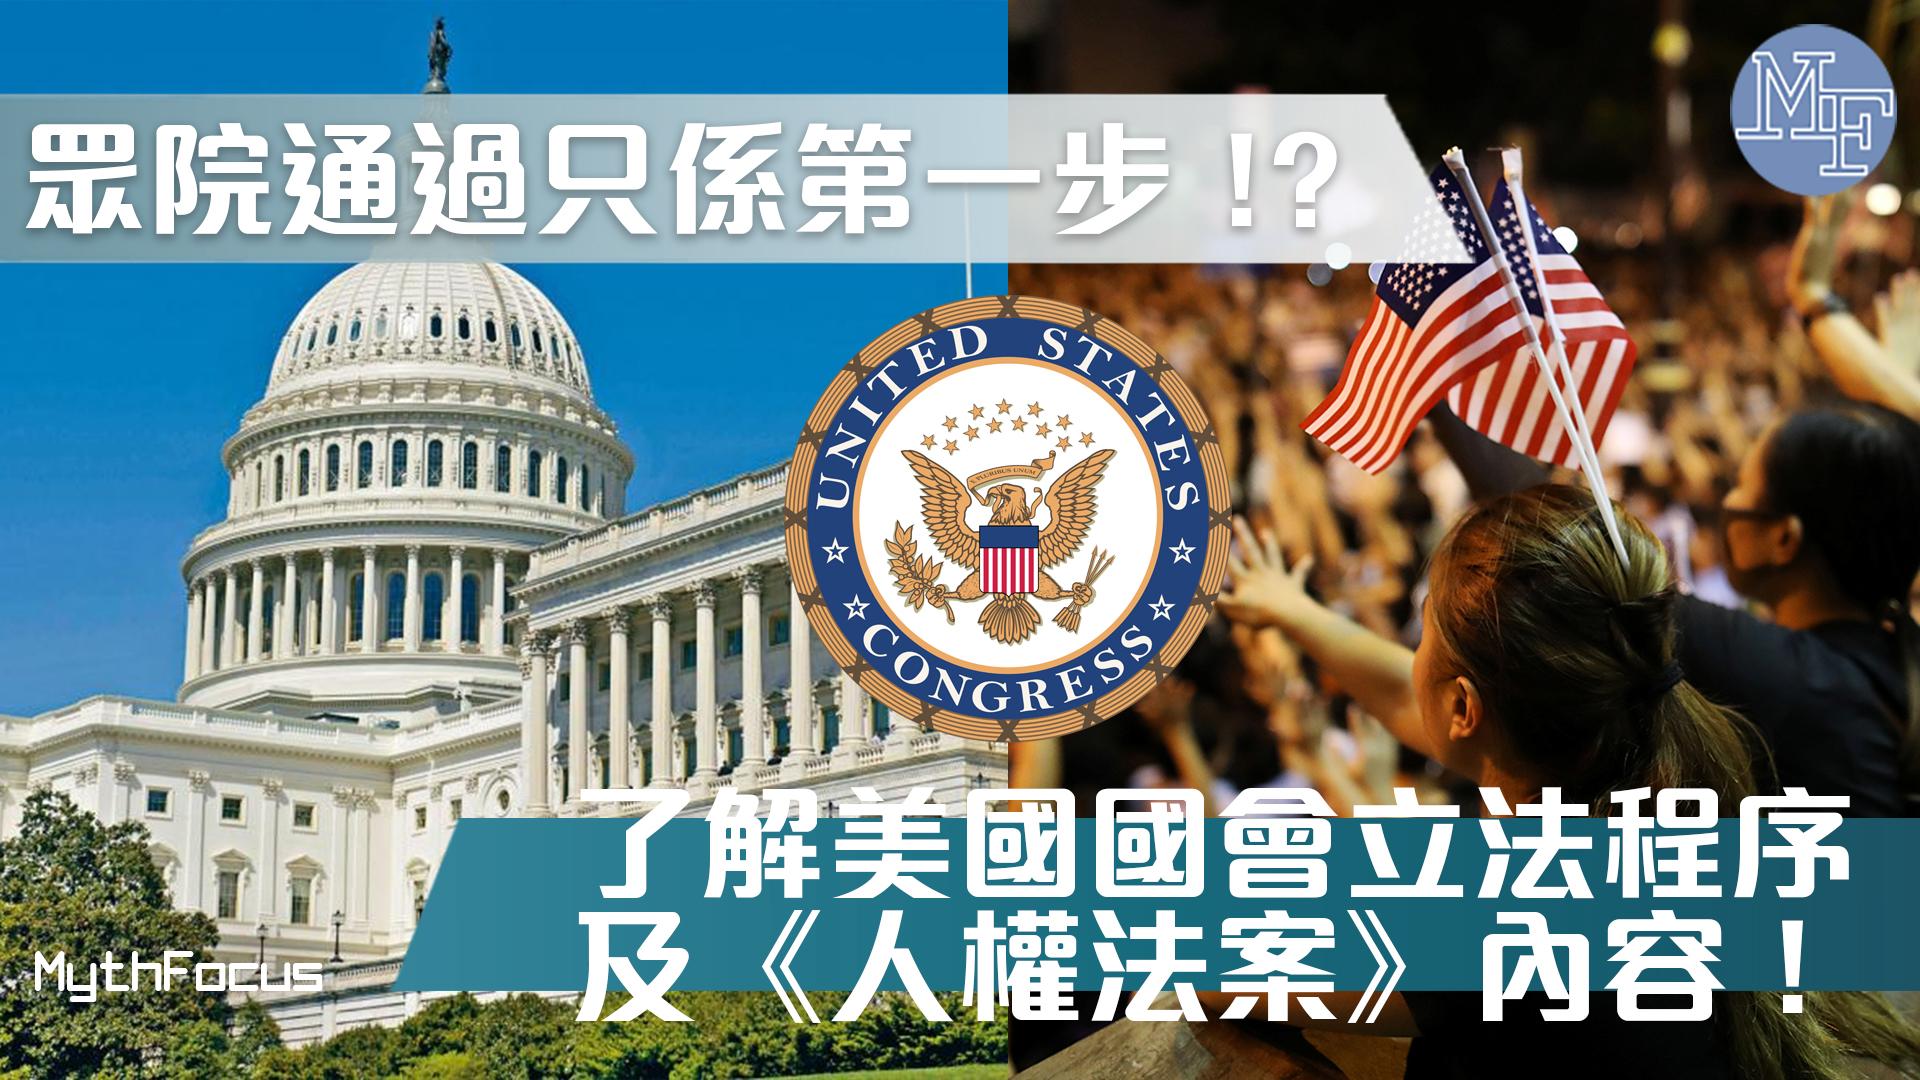 【人權法案】美國眾議院通過 《香港人權民主法案》 一文了解國會立法程序及3大法案! - mythfocus